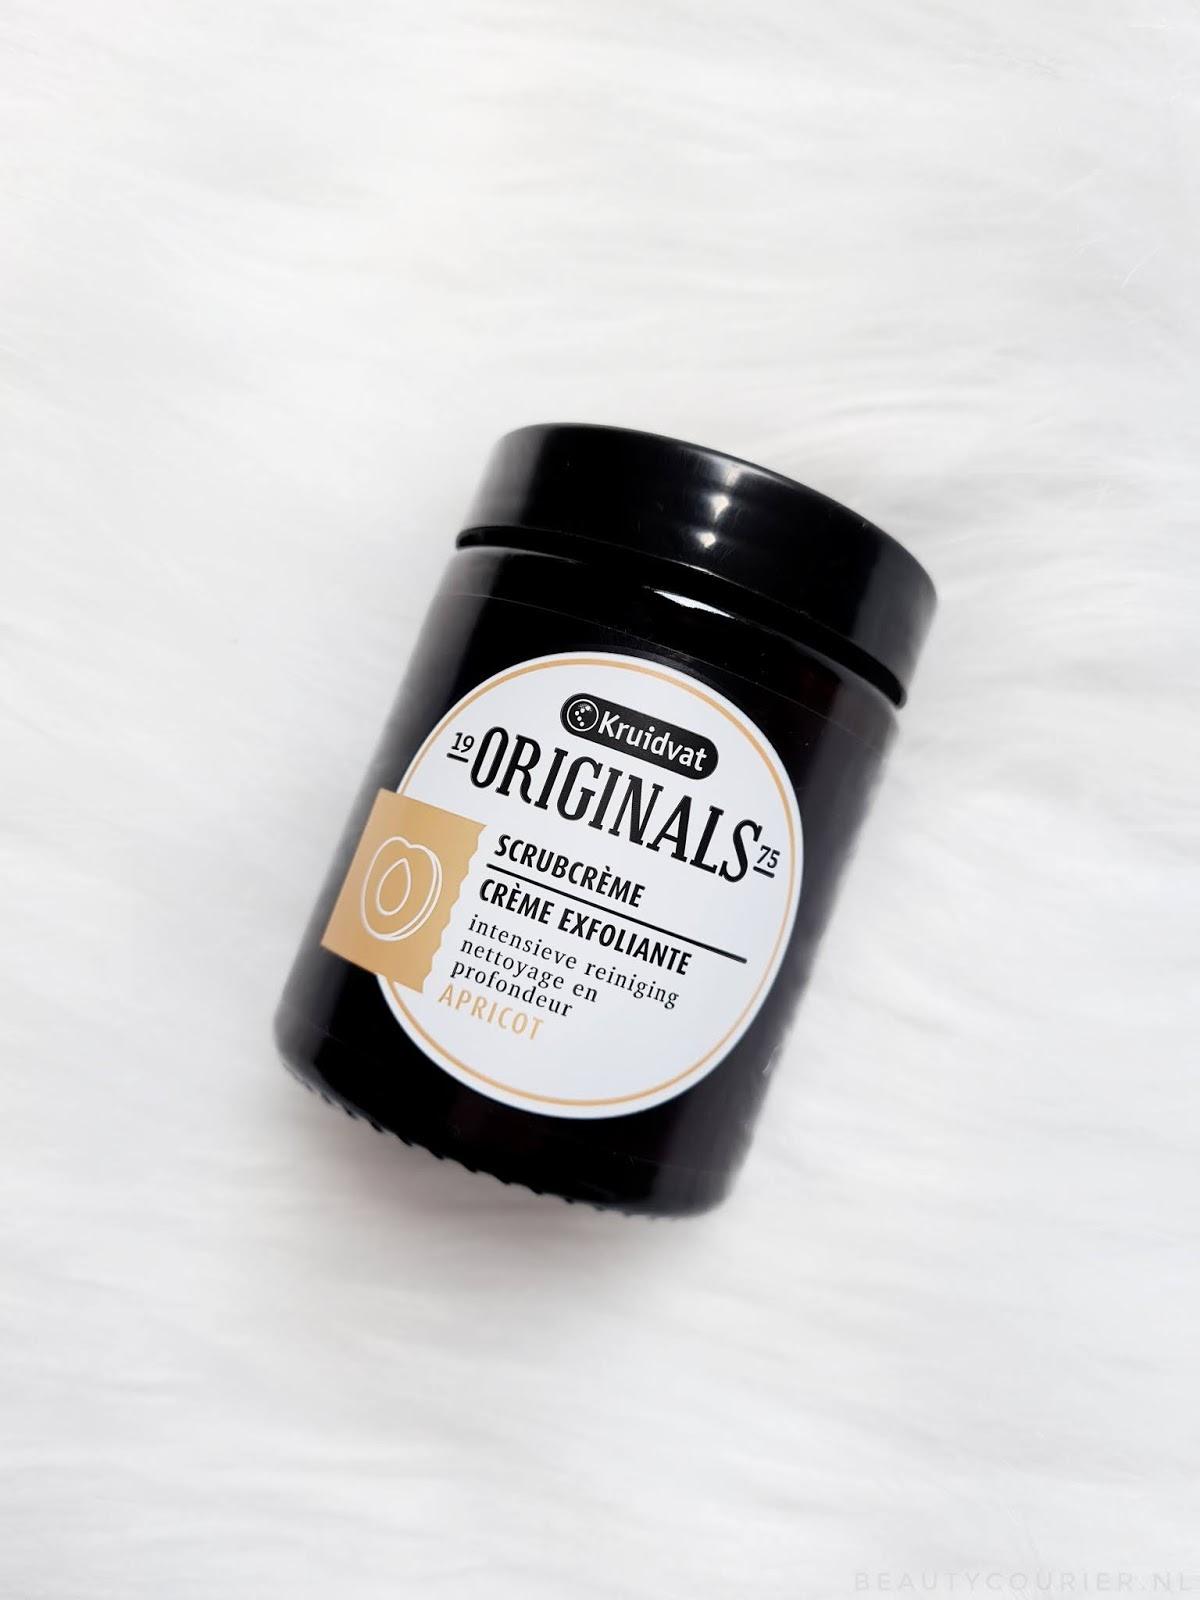 Review | Kruidvat - Originals - Apricot scrubcrème